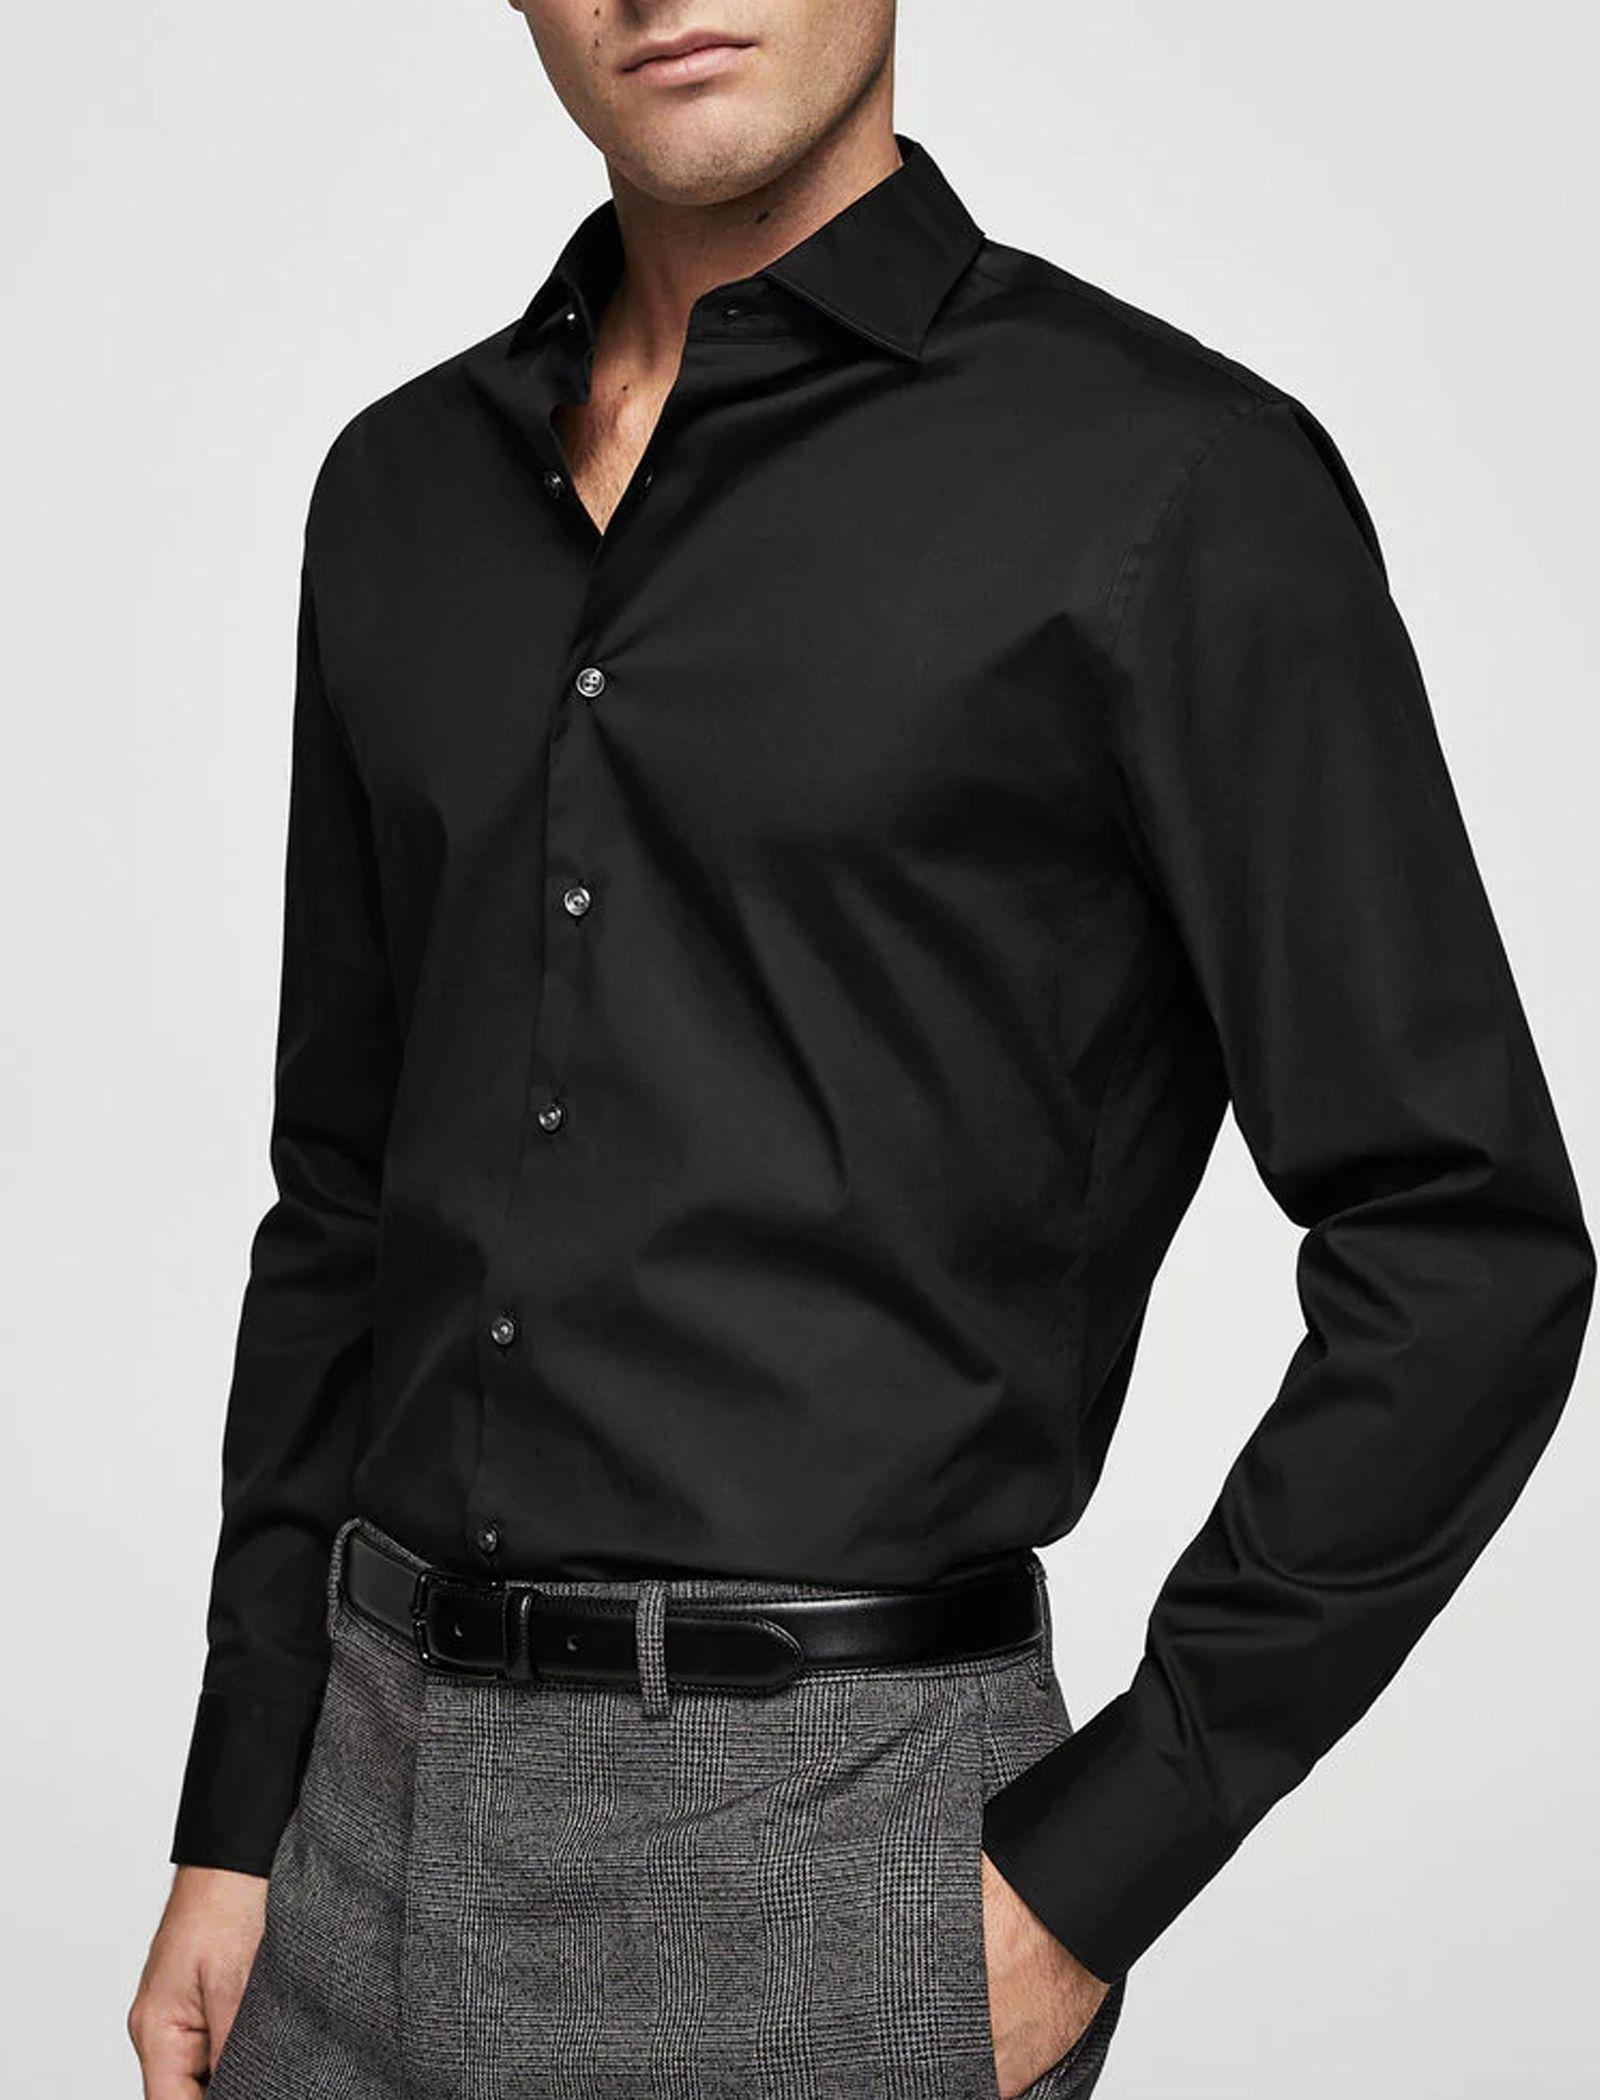 پیراهن نخی آستین بلند مردانه - مانگو - مشکي - 2